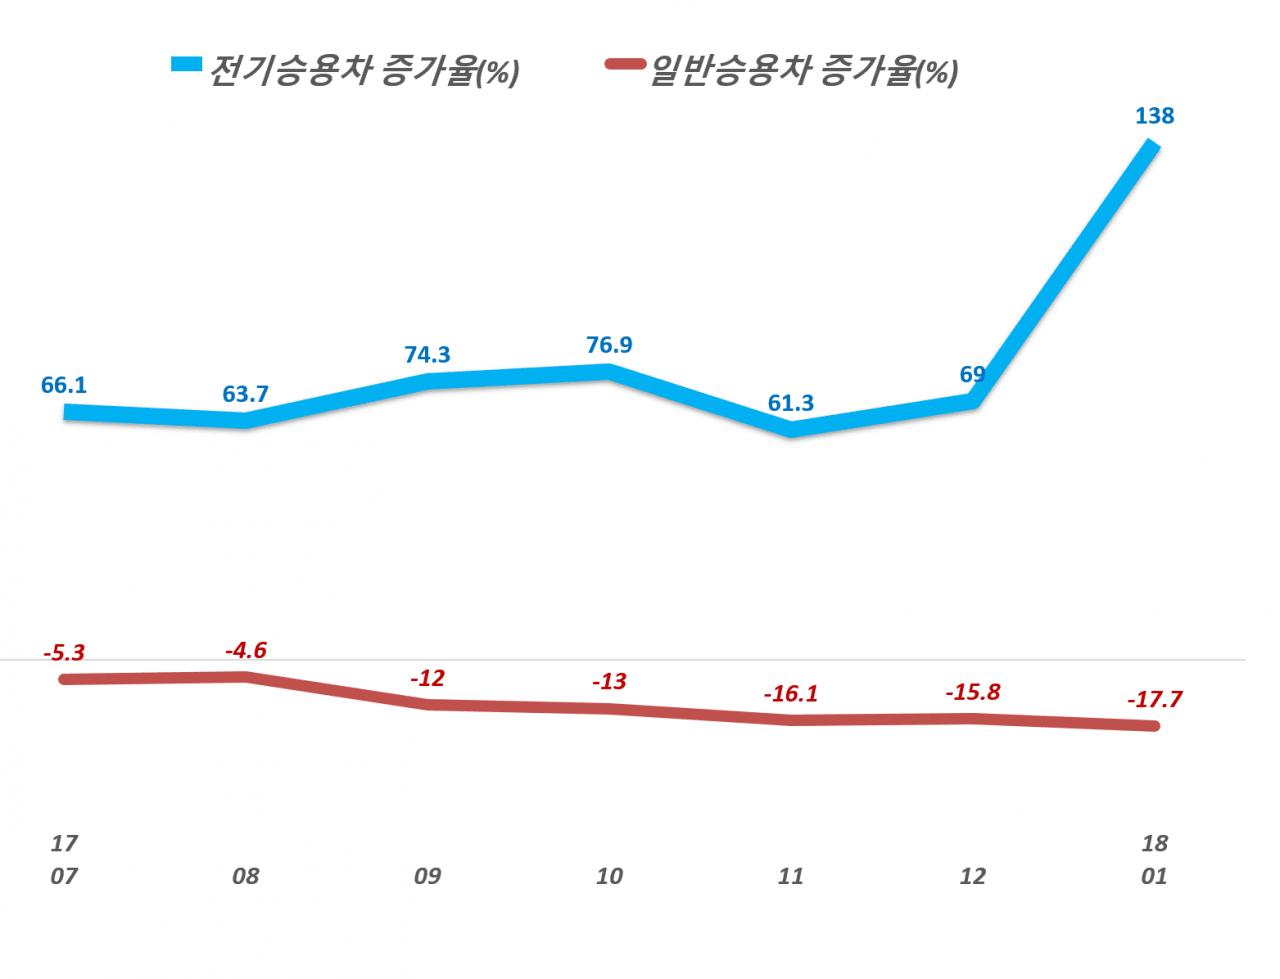 중국 일반승용차와 전기승용차 판매증가율 추이, Data - 중국자동차공업협회(China Association of Automobile Manufacturers), Graph by Happist